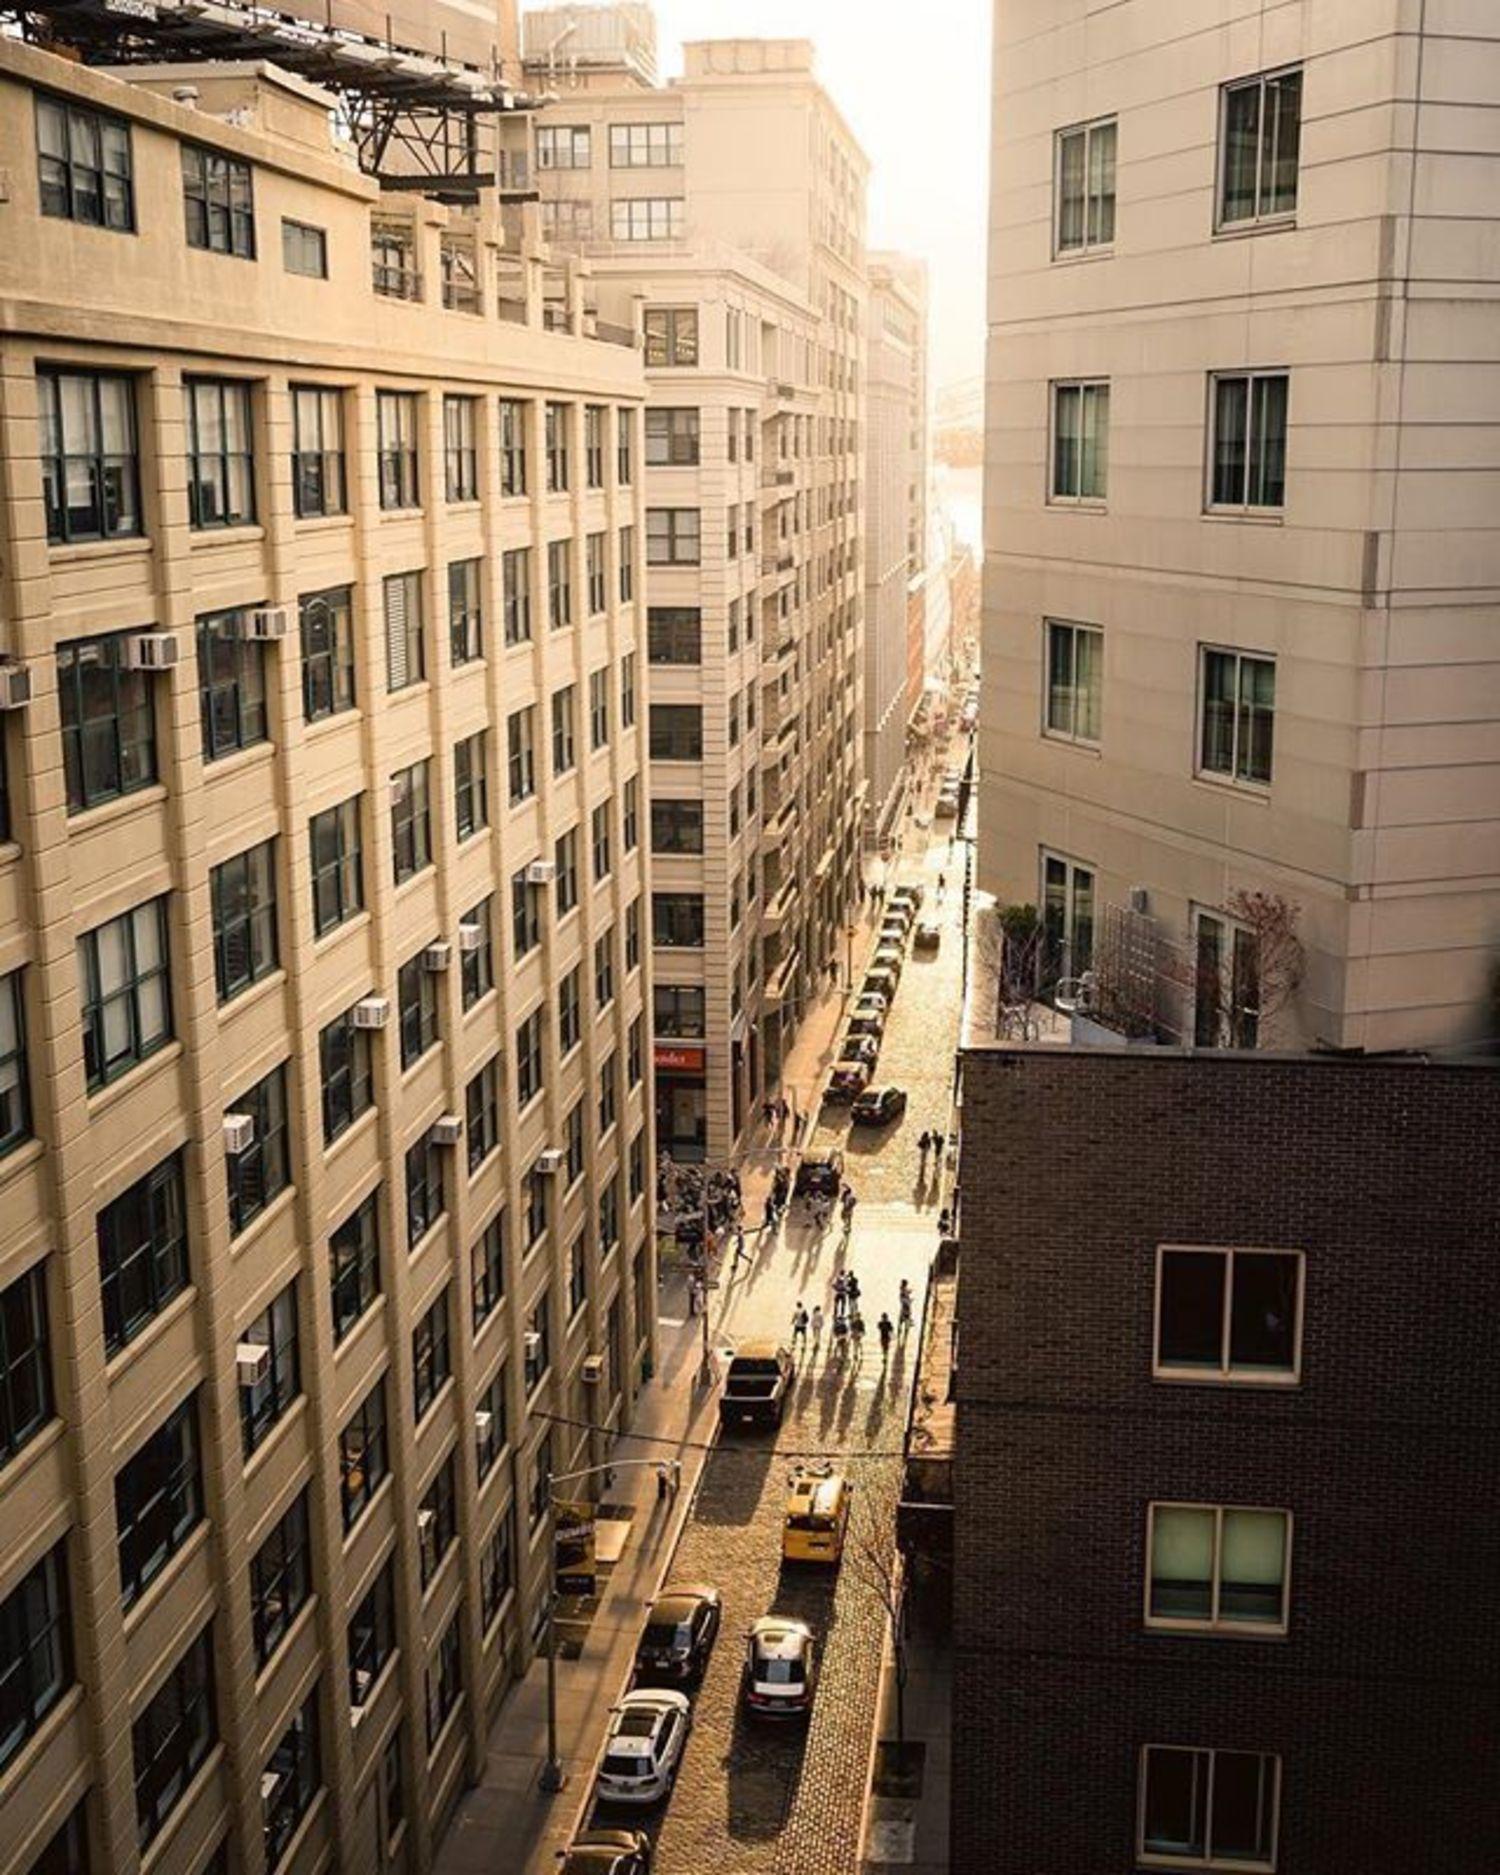 New York, New York. Photo via @sp.photos_ #viewingnyc #newyork #newyorkcity